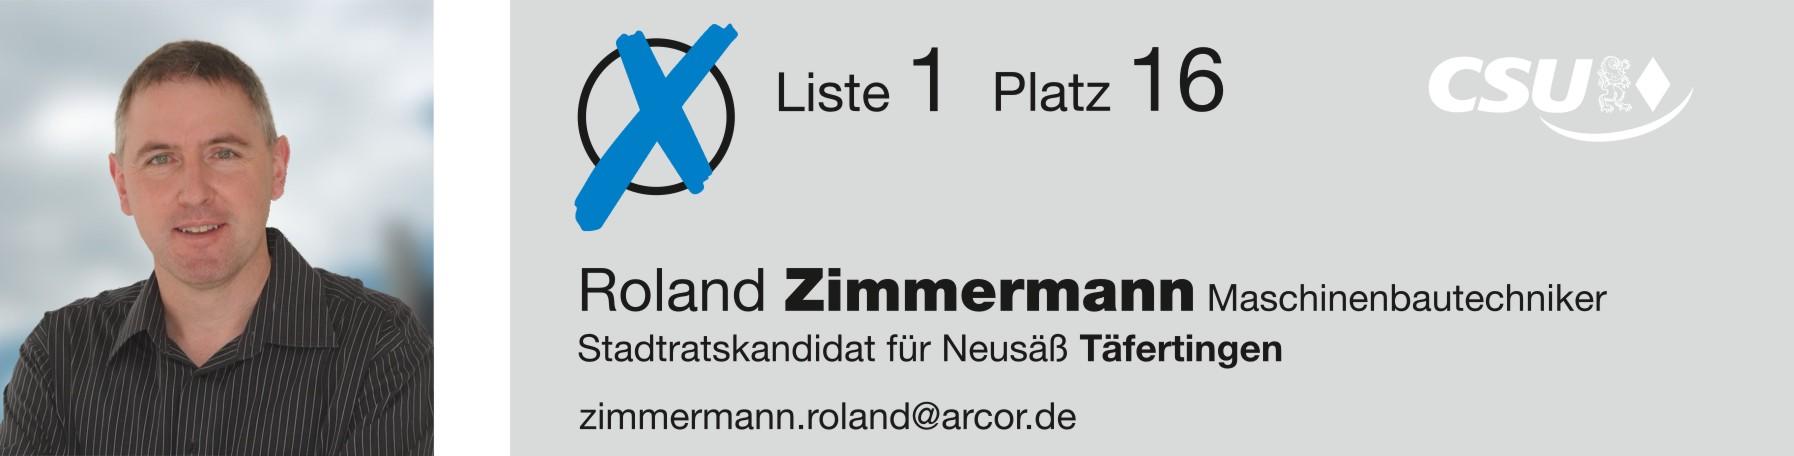 Roland Zimmermann